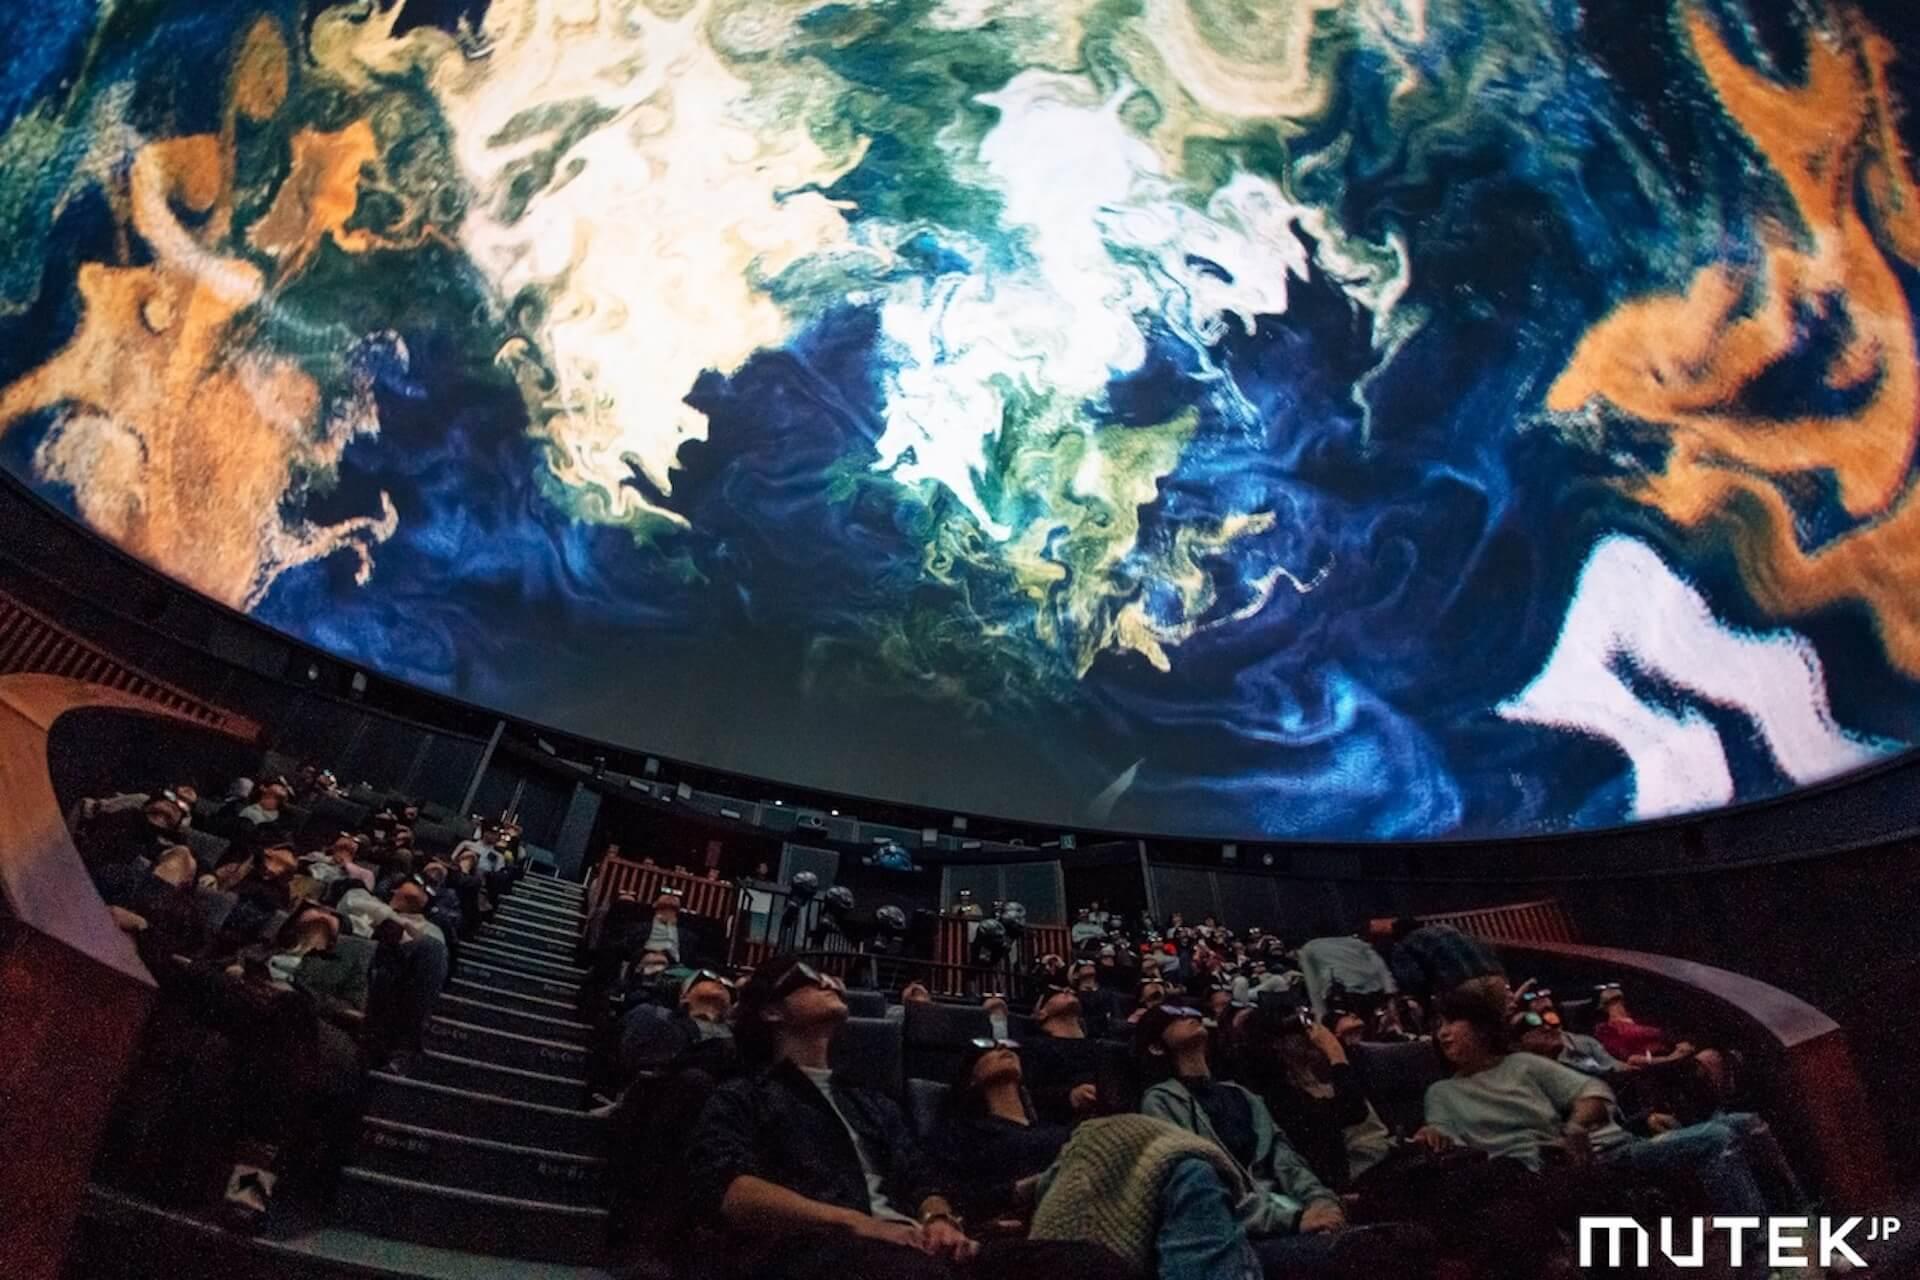 電子音楽&デジタルアートの祭典が渋谷に!<MUTEK.JP>最終フルラインナップ&タイムテーブル発表 art191205_mutek_12